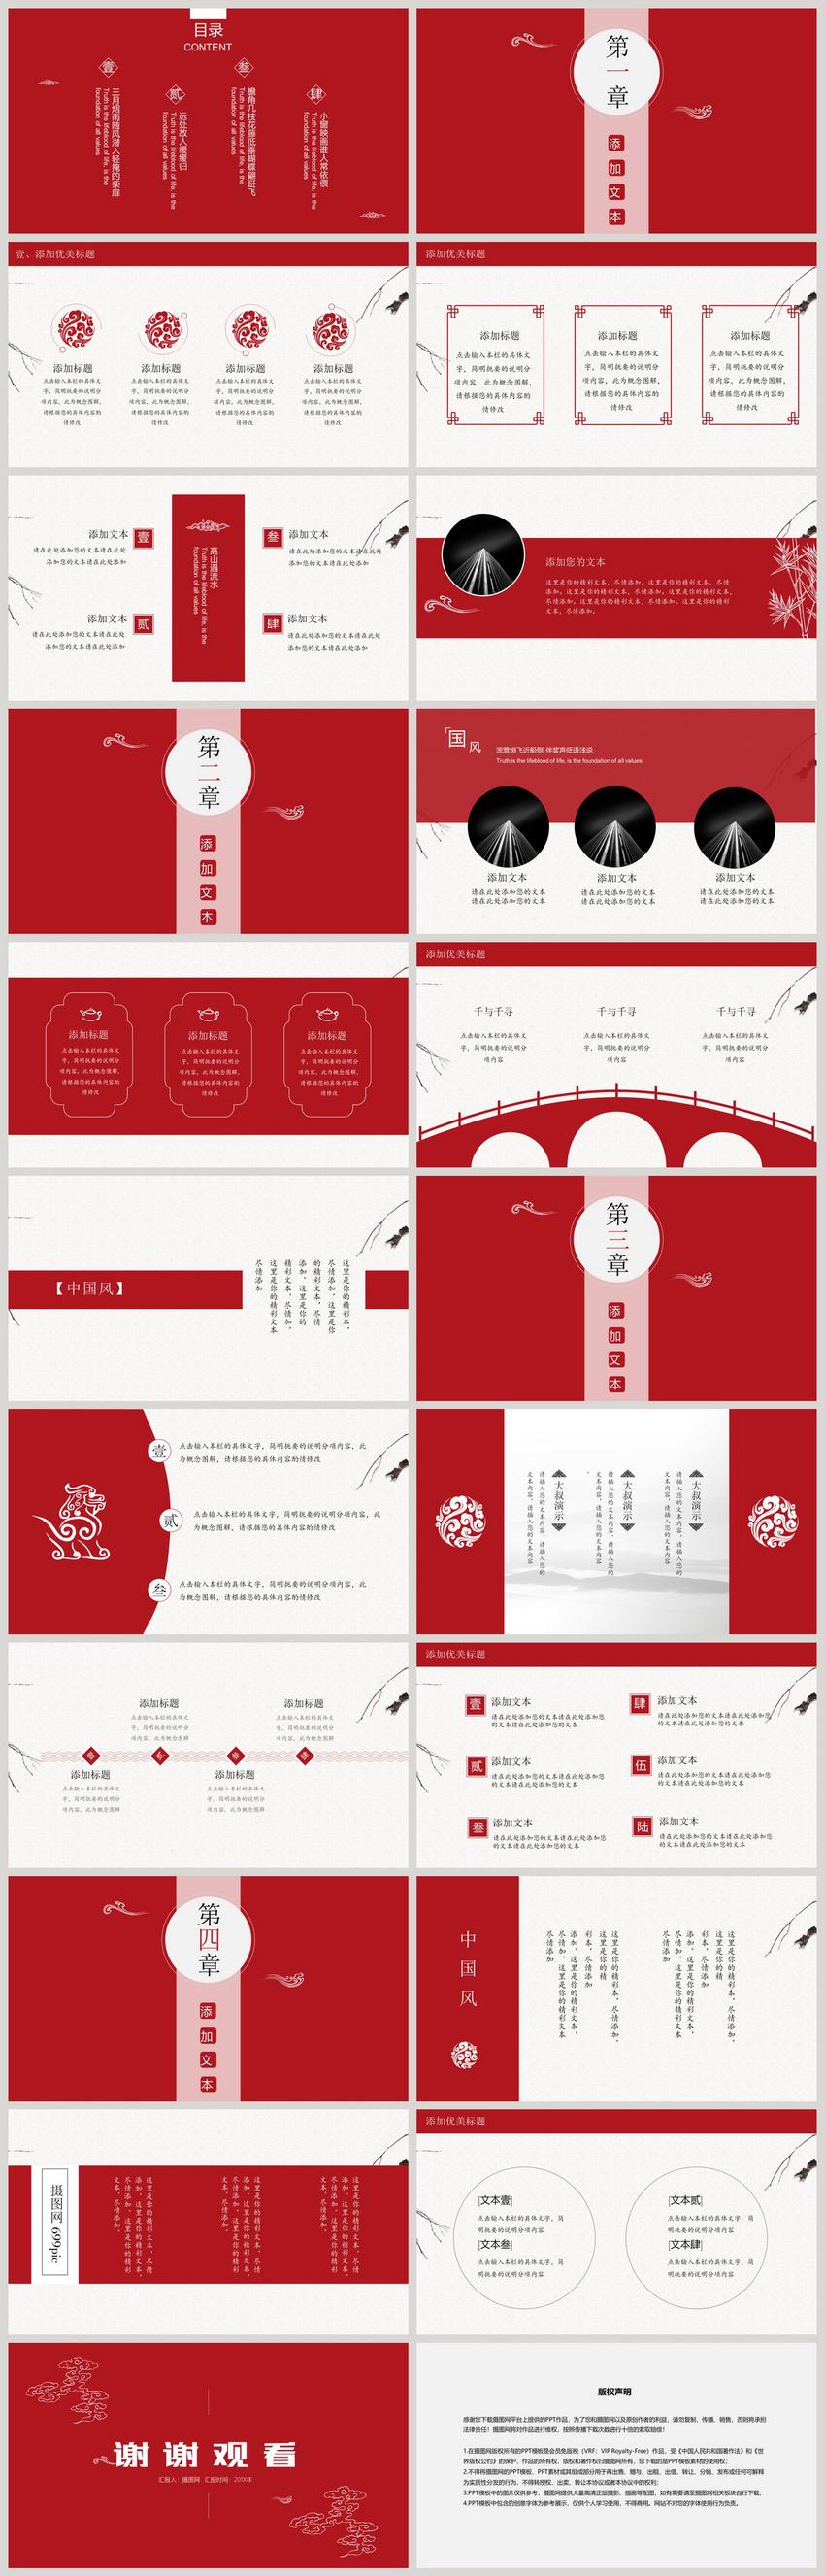 红色中国风ppt模板_红色中国风通用PPT模板图片-正版模板下载400114610-摄图网